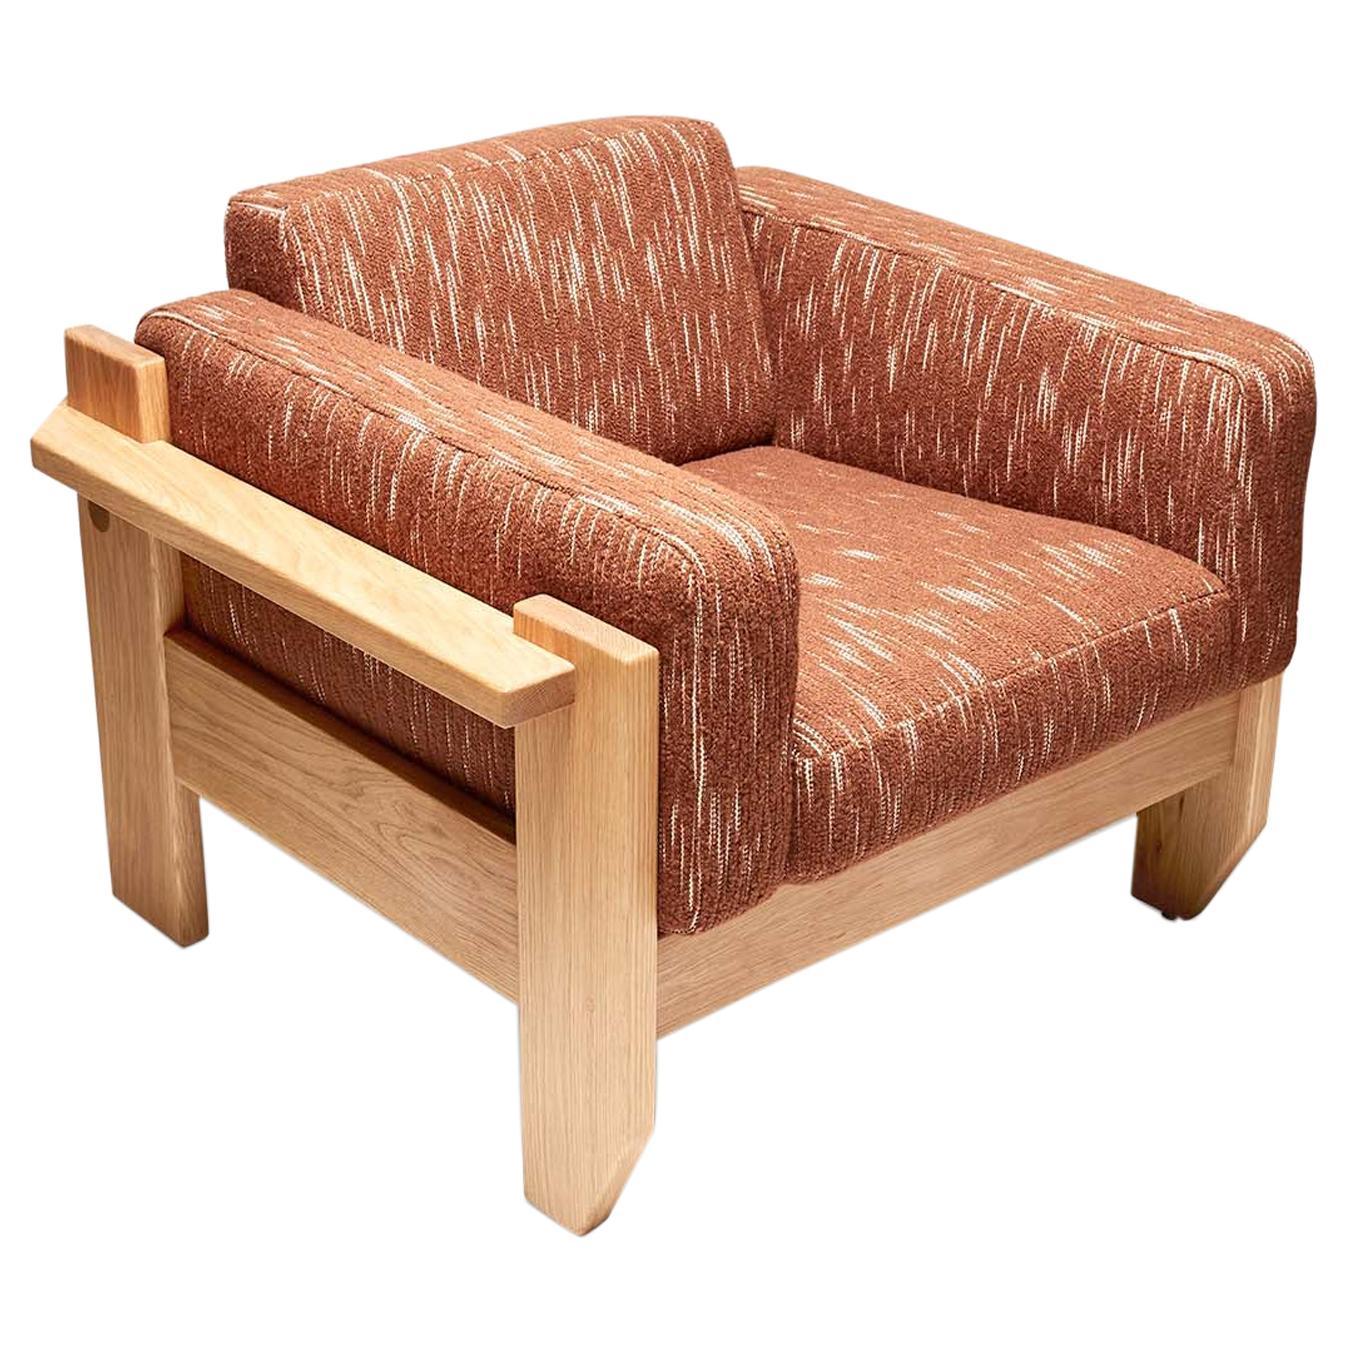 Portola Lounge Chair by Lawson-Fenning